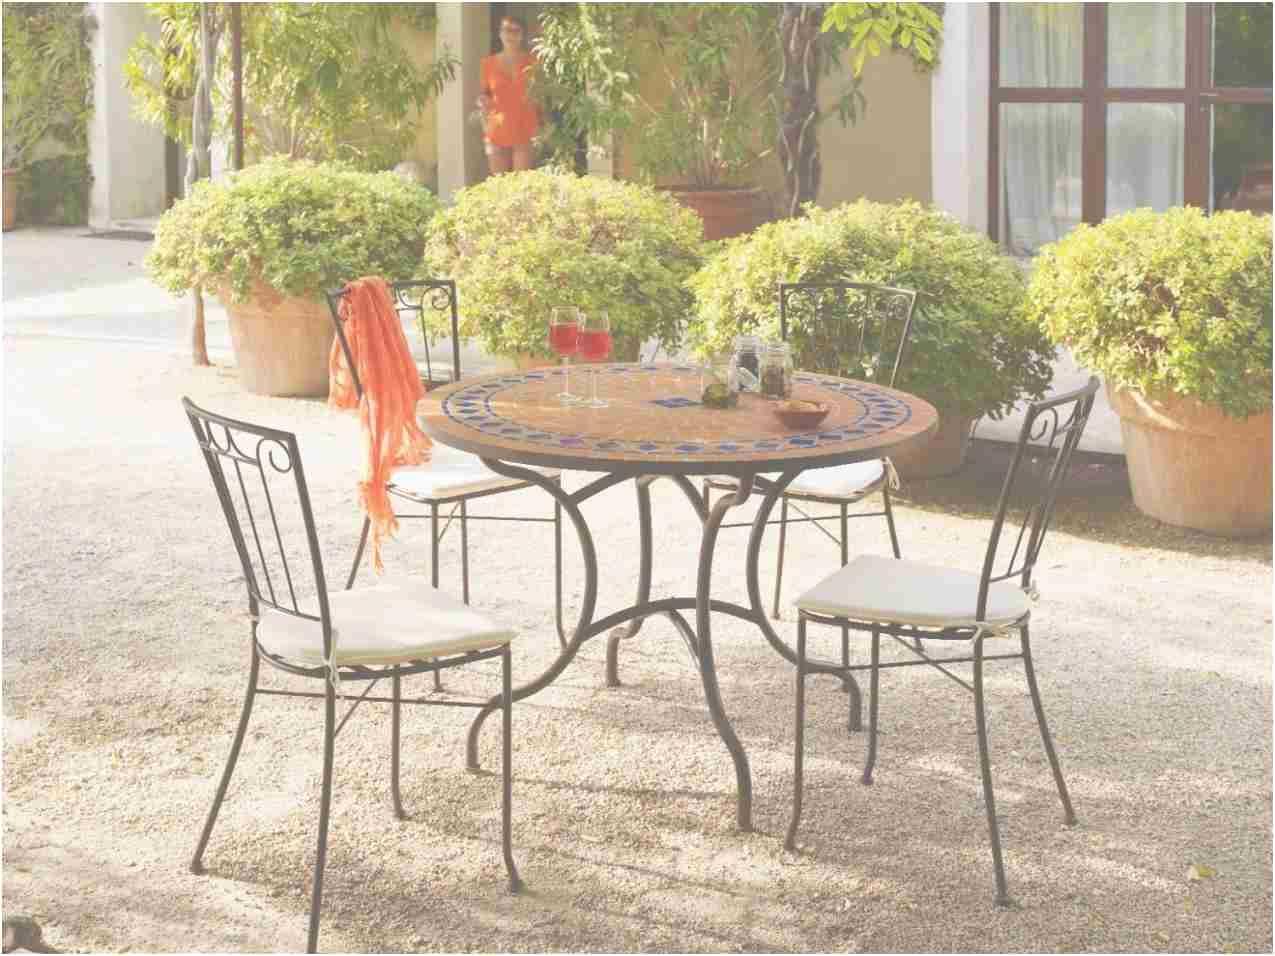 salon jardin fer forge blanc meilleur de salon de jardin en fer metal of salon jardin fer forge blanc